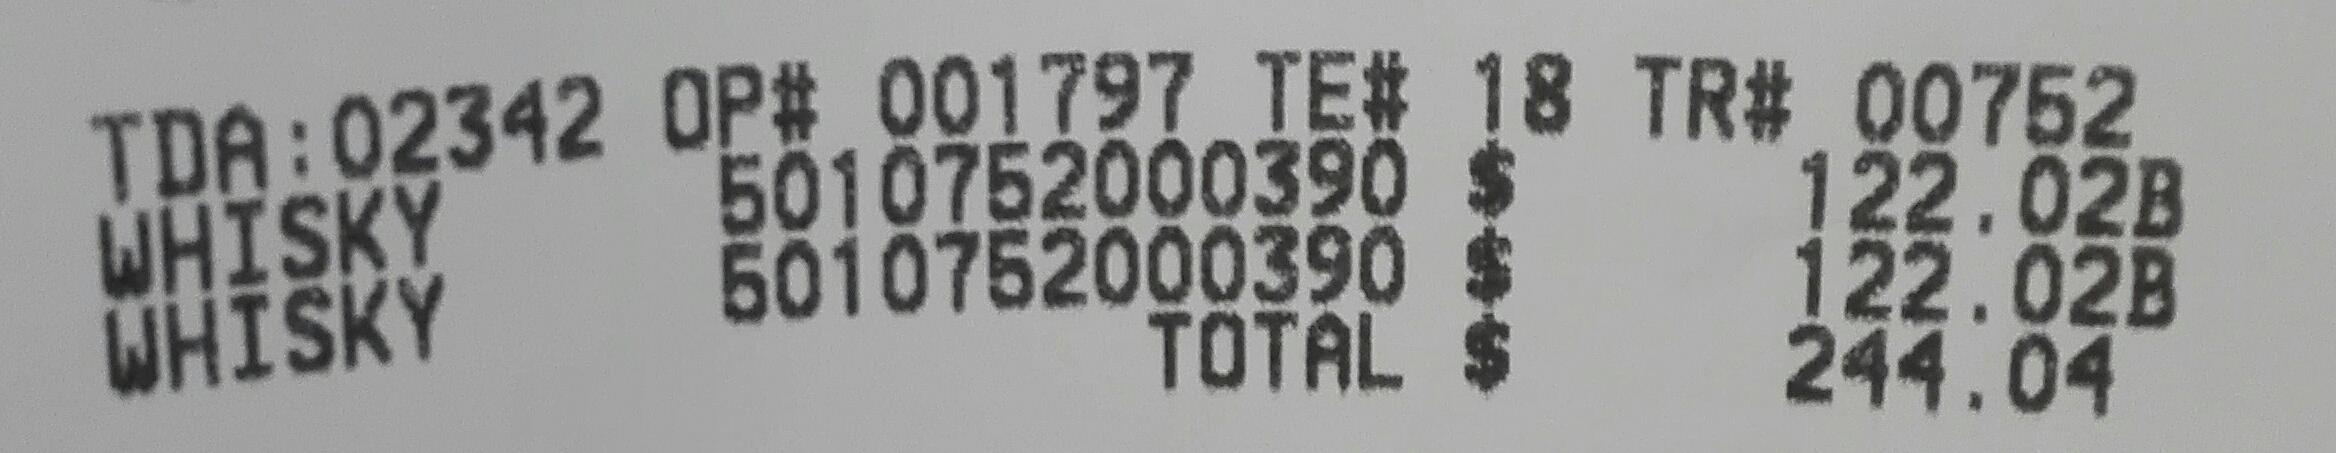 66729.jpg